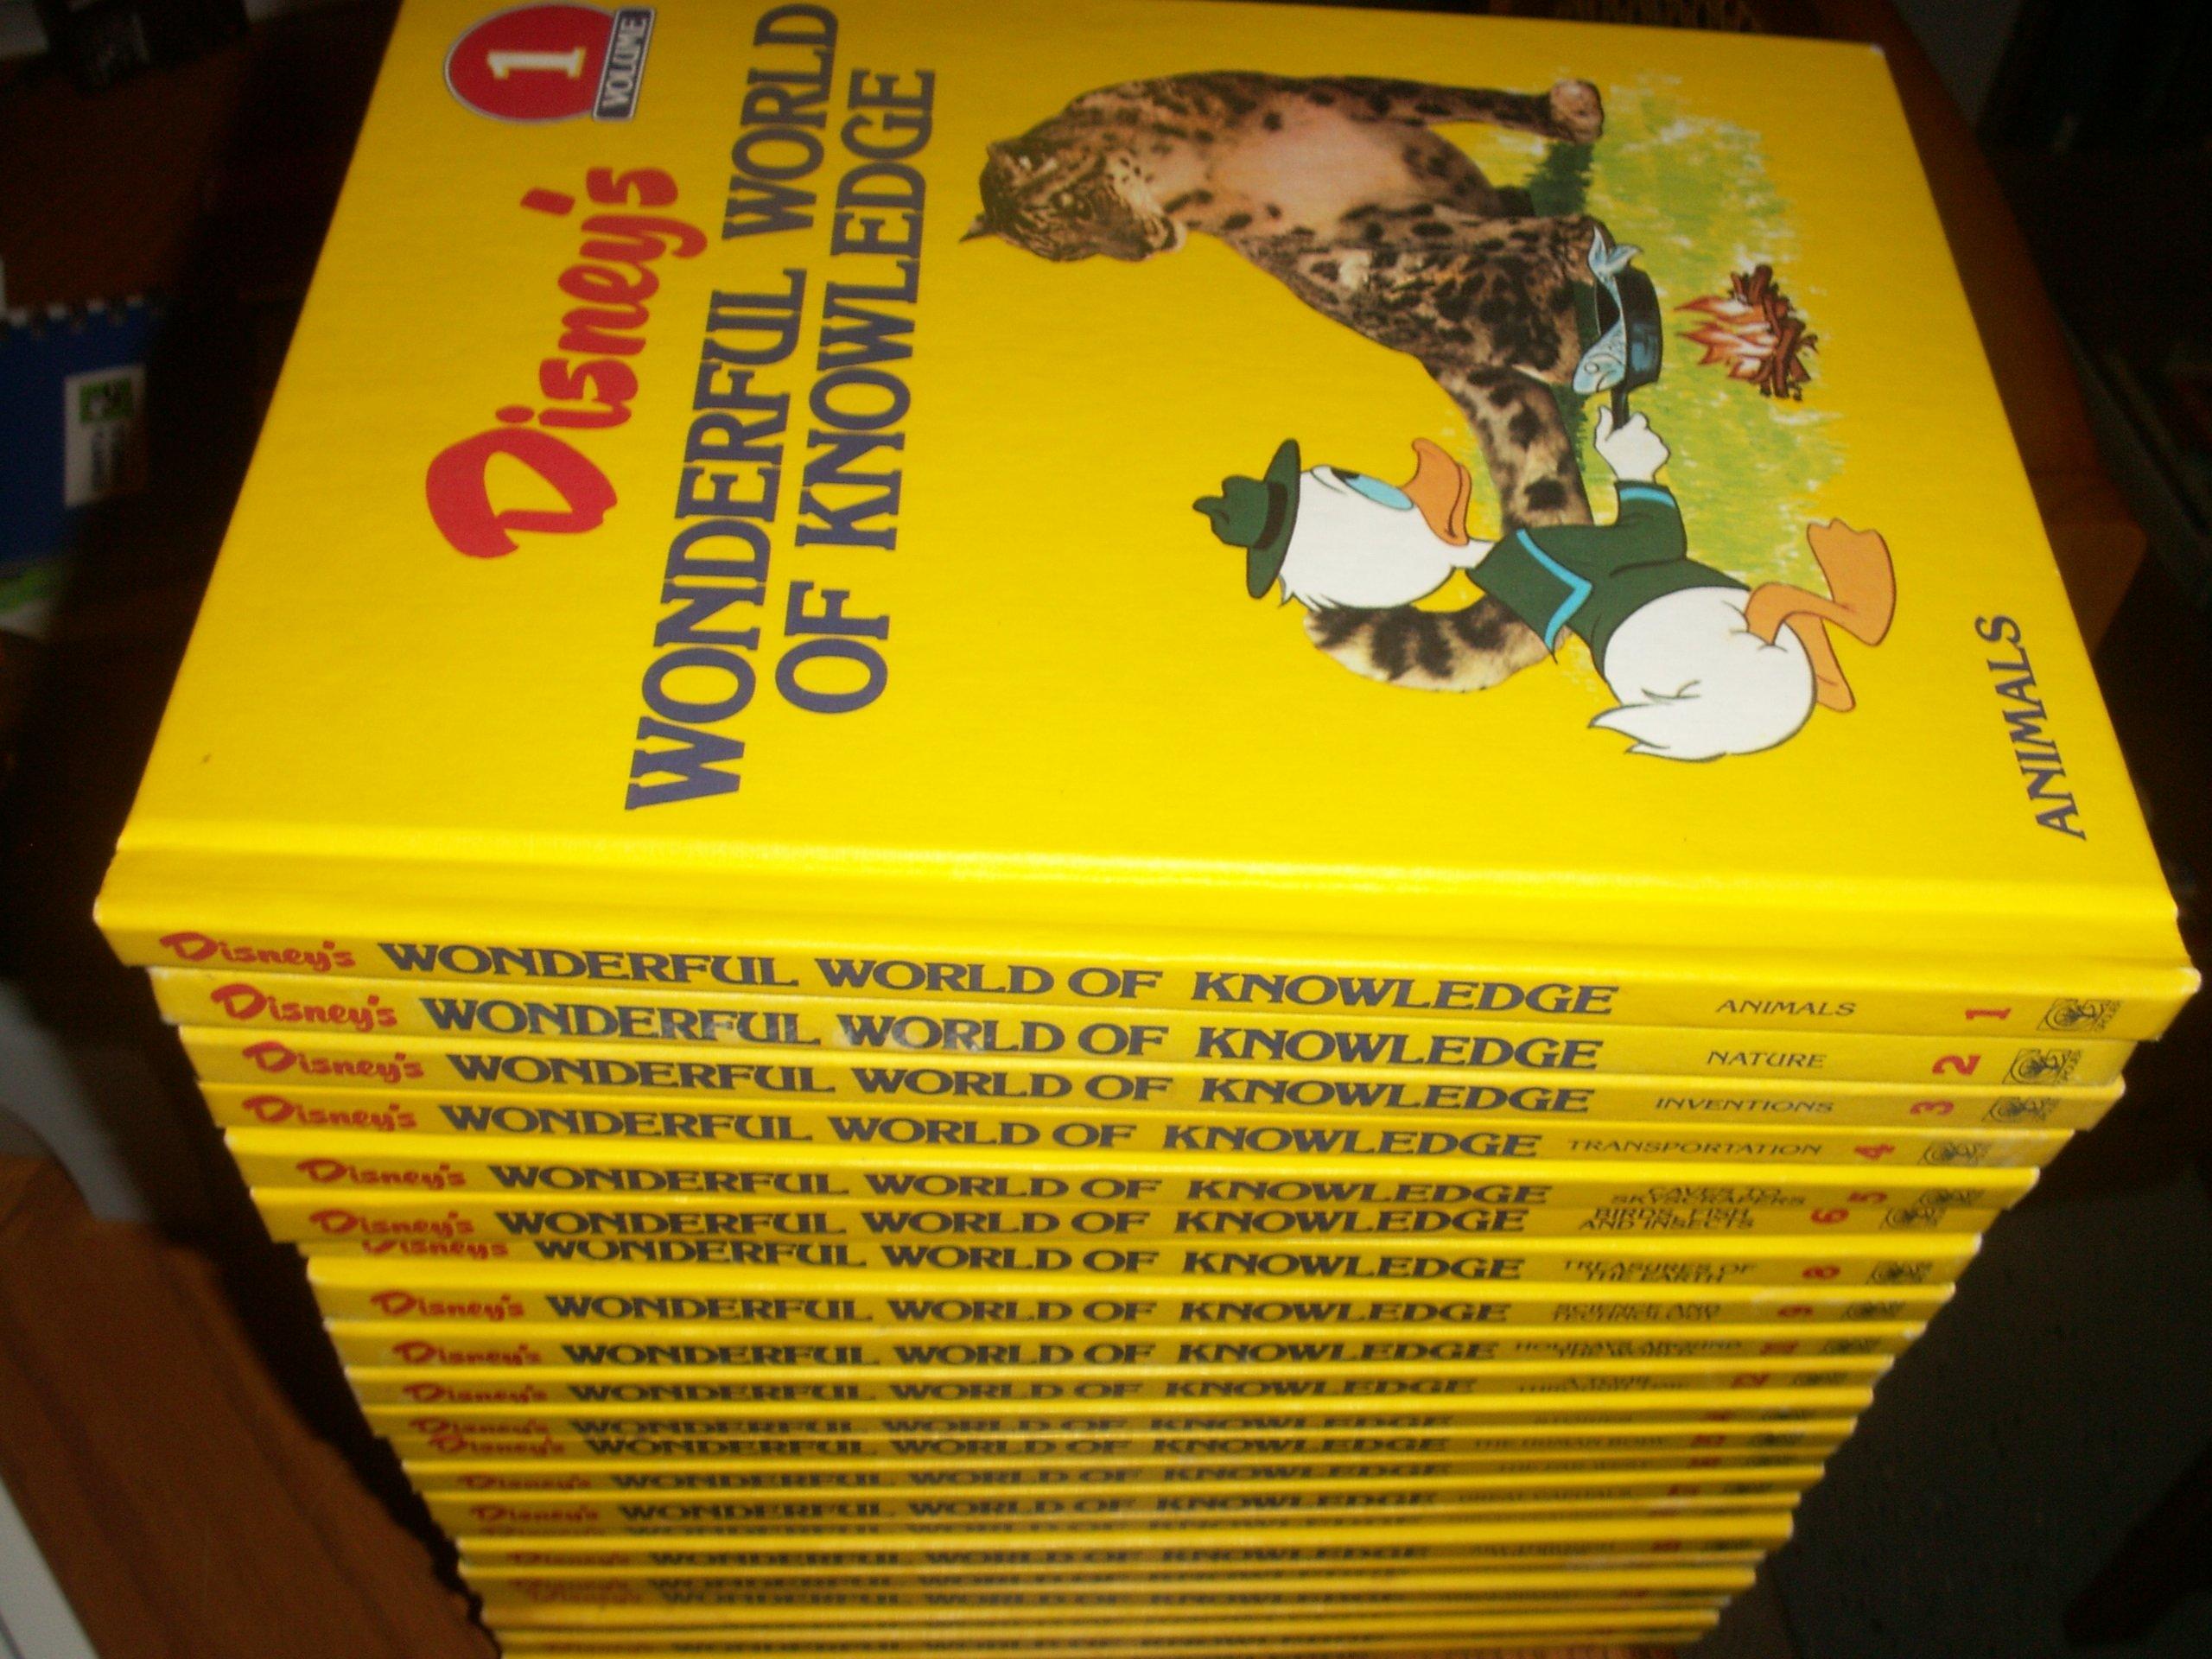 disneys wonderful world of knowledge set of 25 amazoncom books